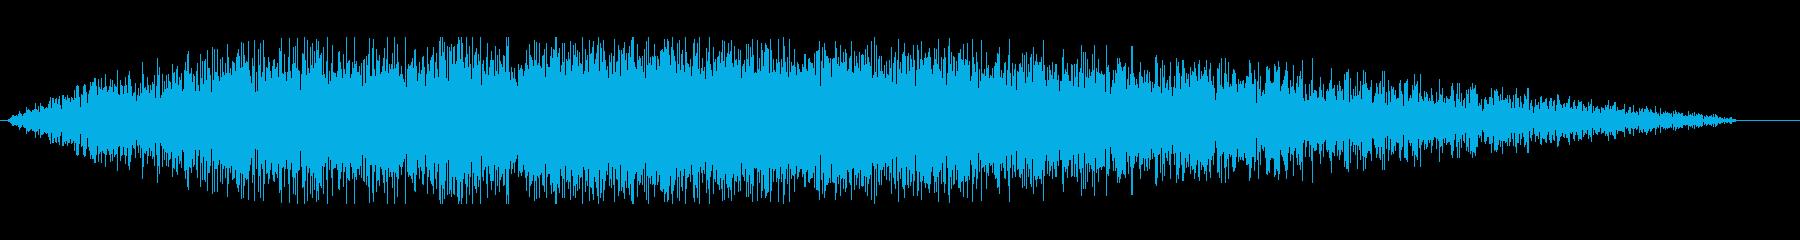 切羽詰まった場面から次の場面へのつなぎの再生済みの波形